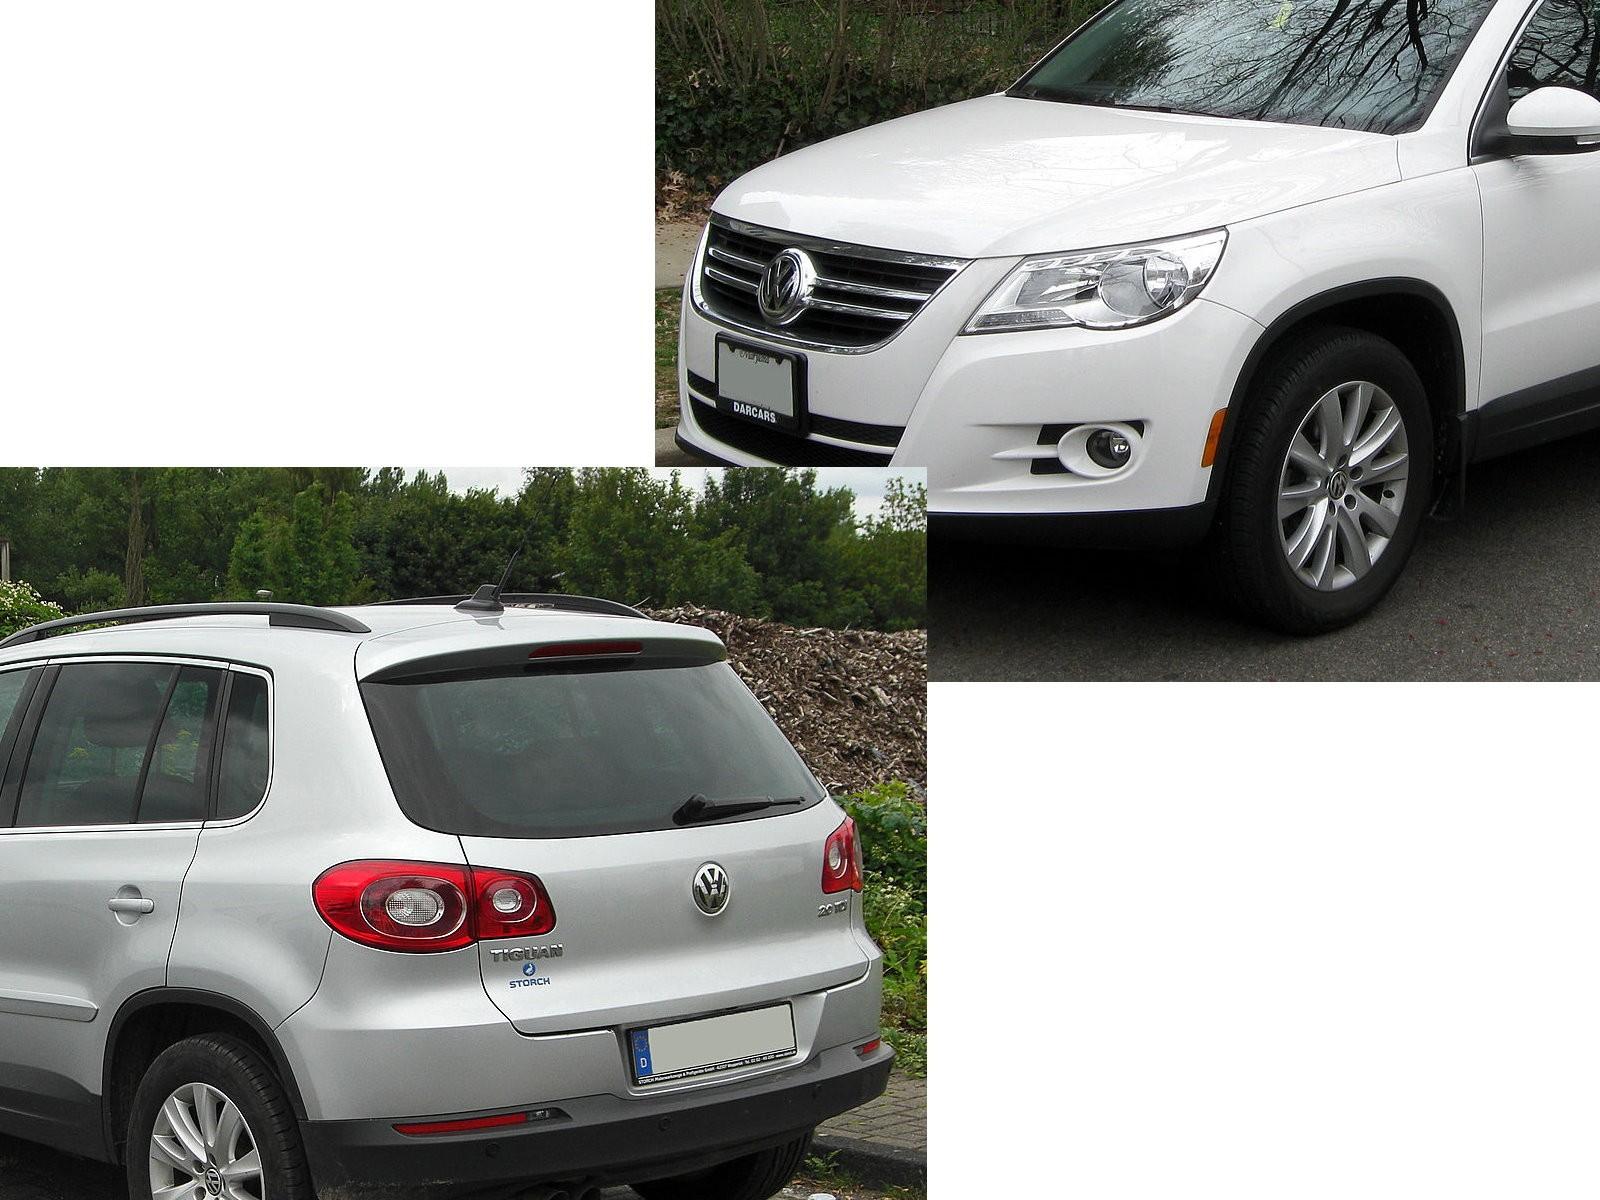 TIGUAN 5N 2007-2014 LED BAR Tail Rear Light Lamp V1 SMOKE for VW Volkswagen